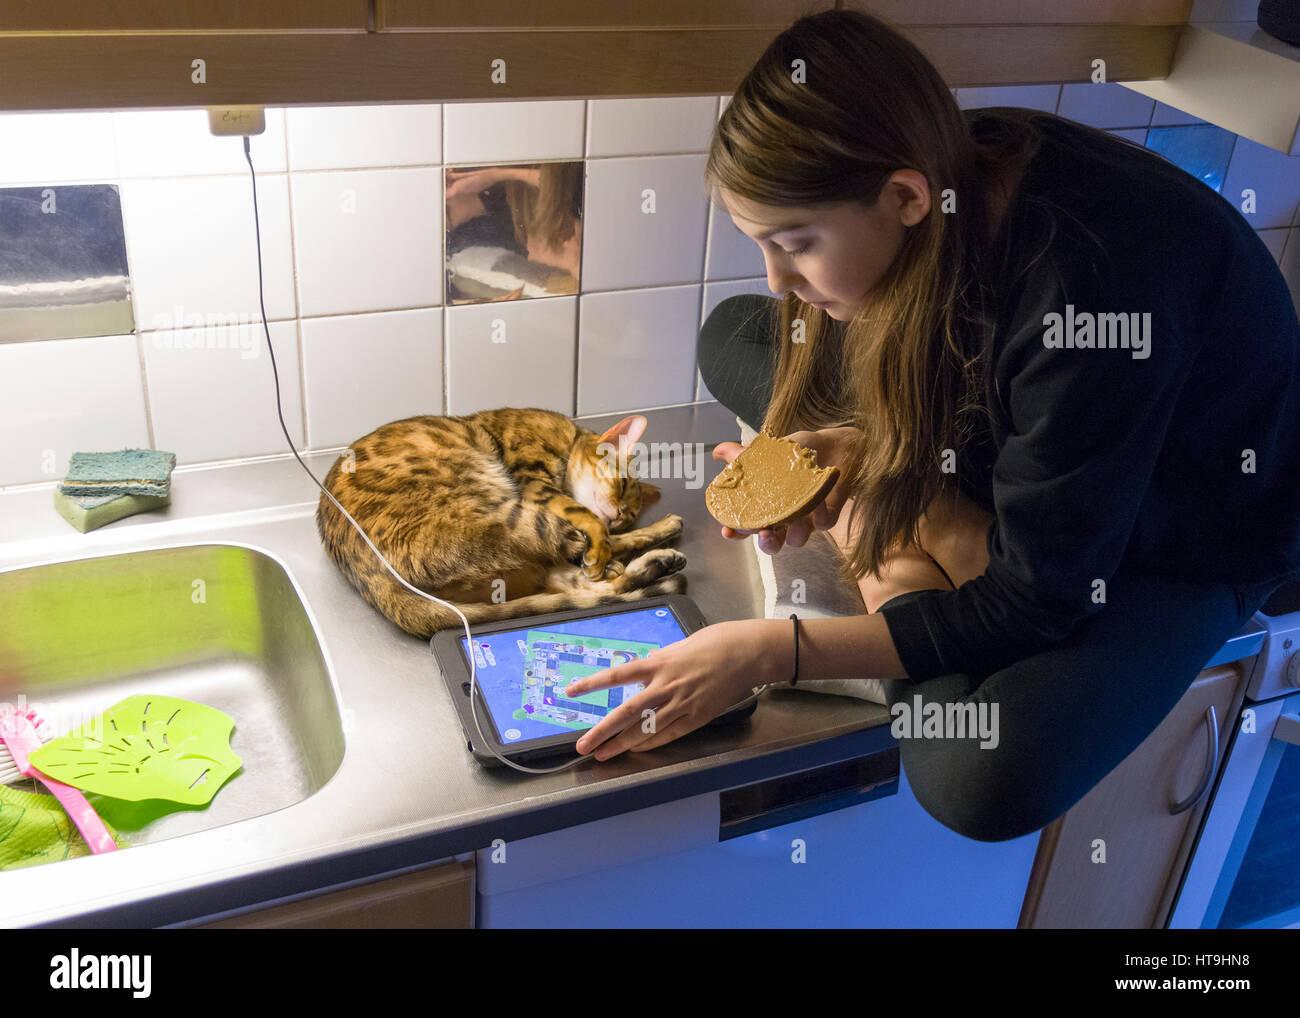 Teenage girl using et à l'iPad à l'assis sur le comptoir de cuisine avec animal chat Bengal à Photo Stock